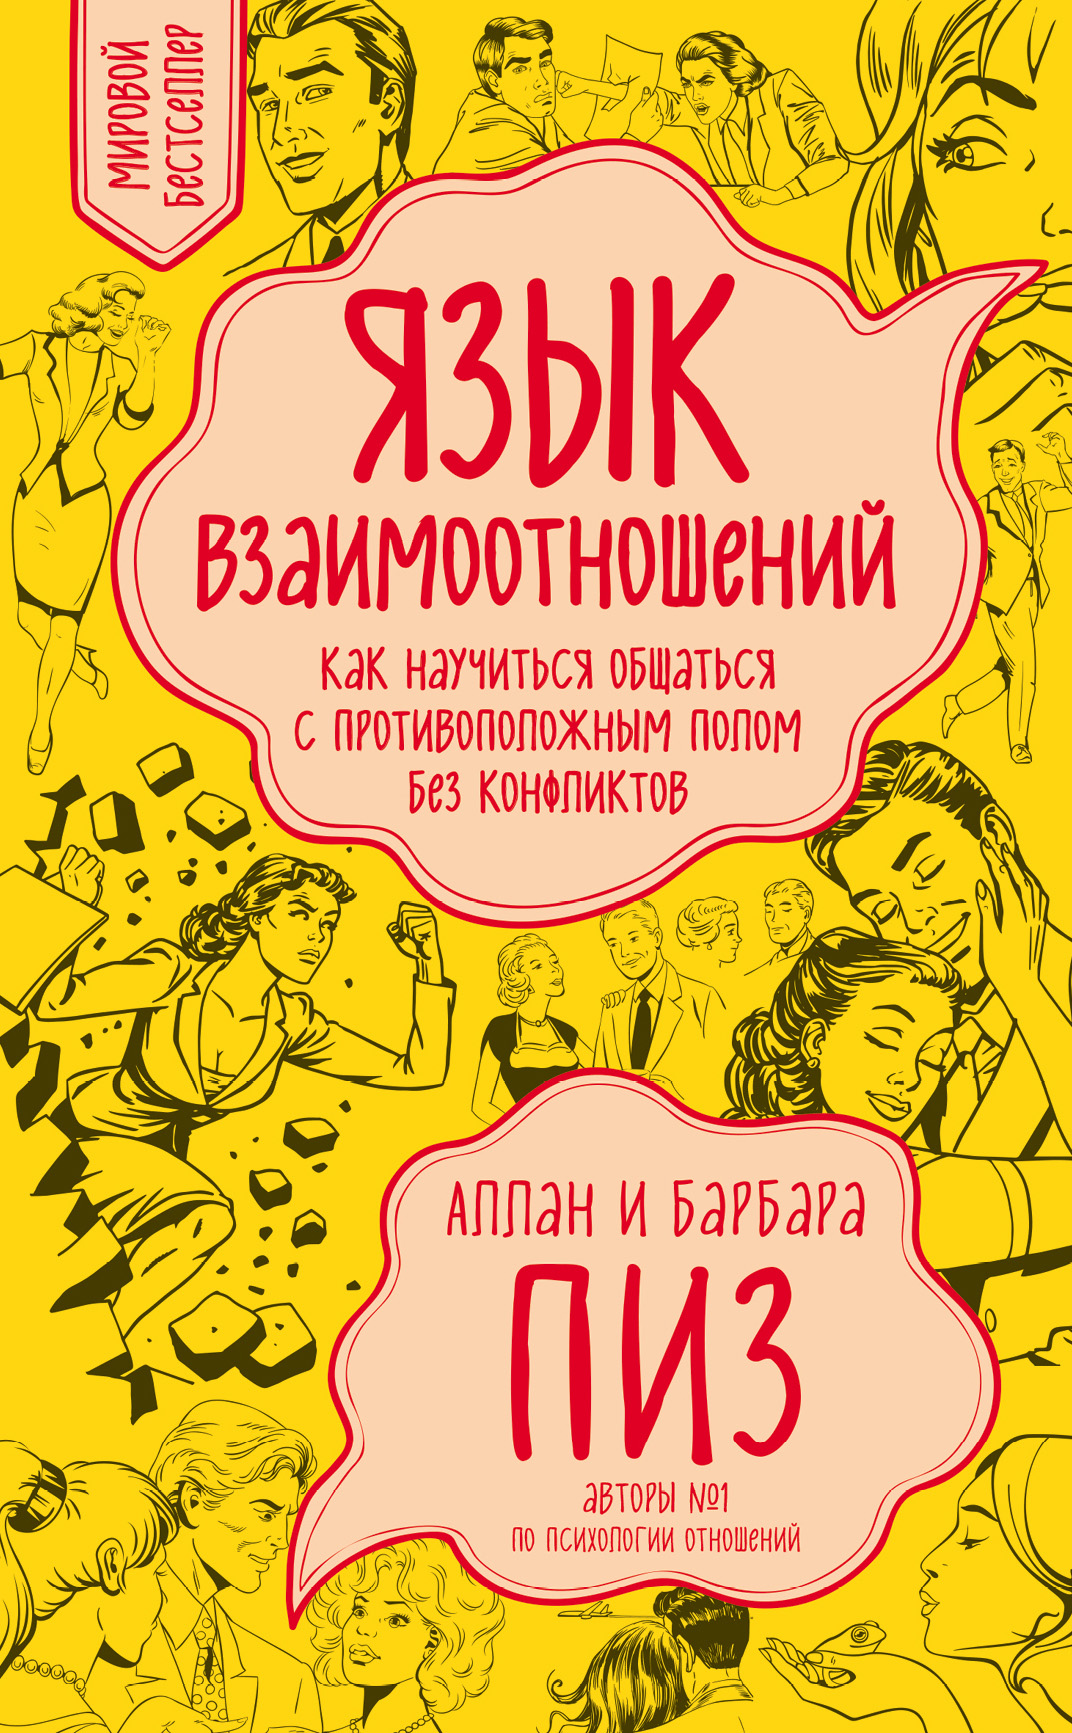 Барбара Пиз, Аллан Пиз «Язык взаимоотношений. Как научиться общаться с противоположным полом без конфликтов»